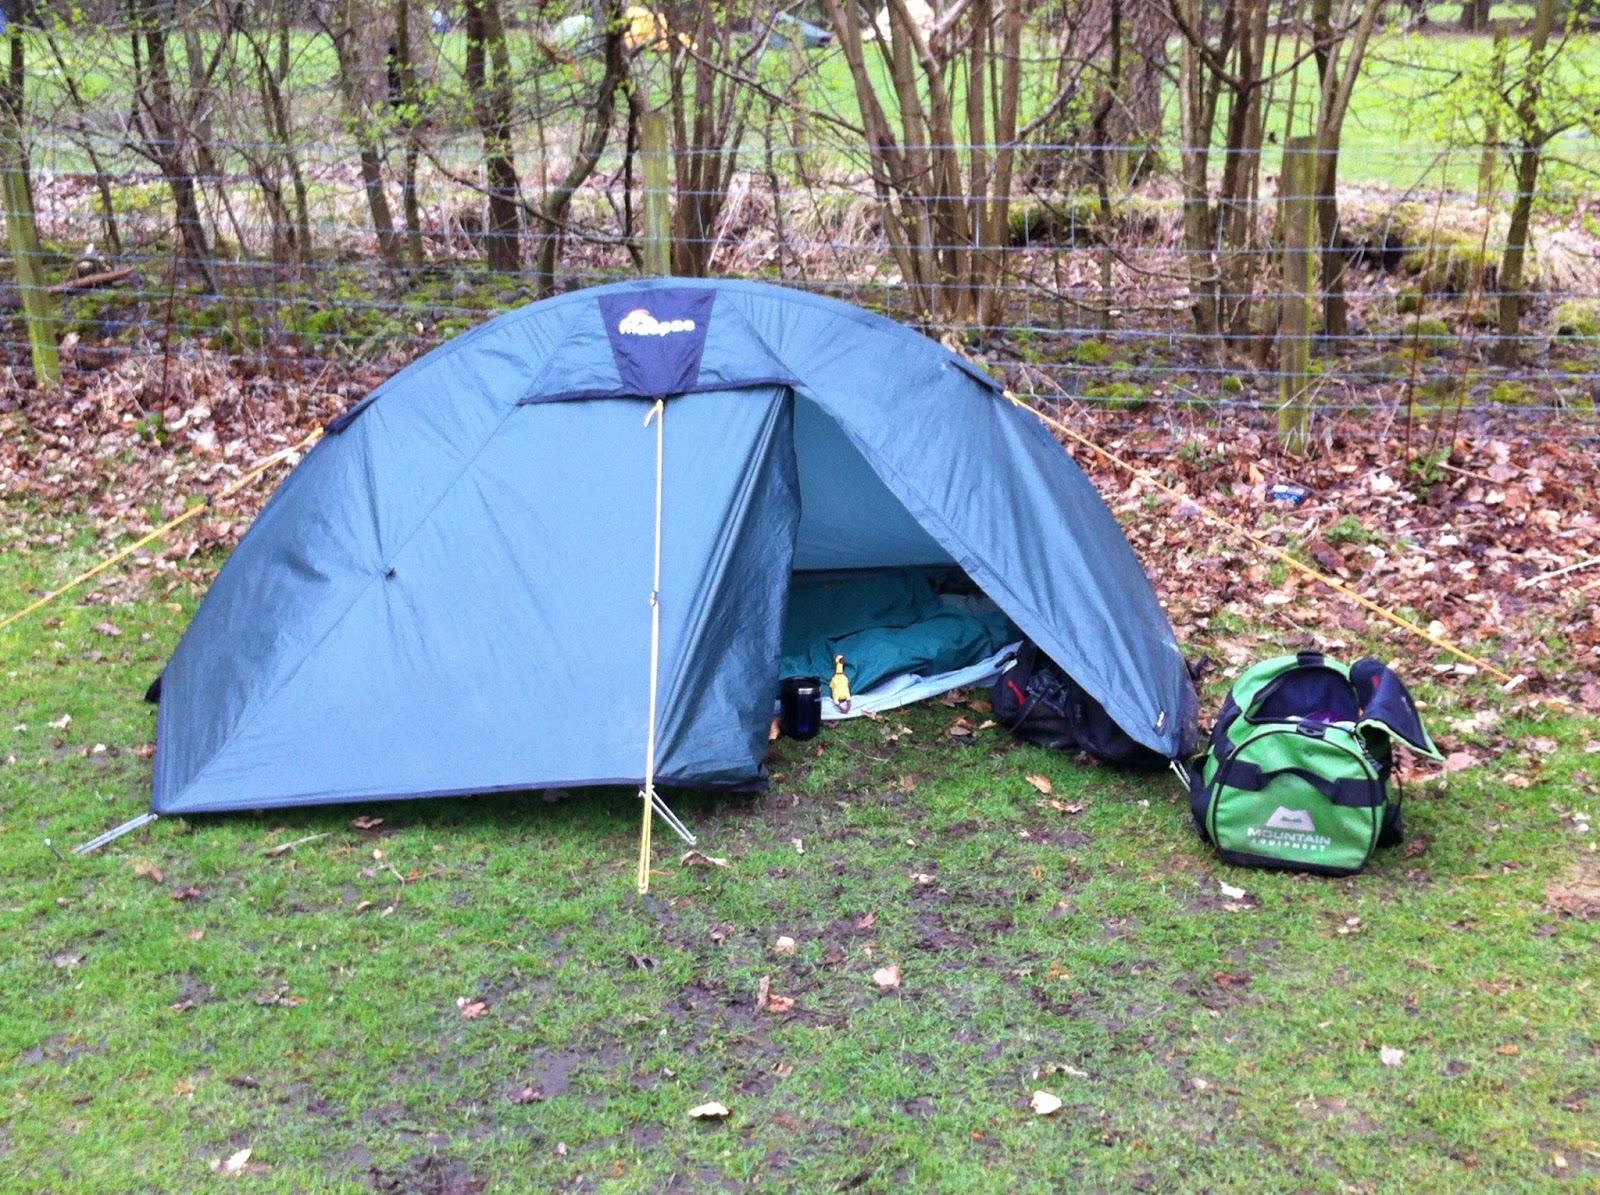 Macpac Microlight Tent & TAT Trail 2014: Camping Gear...